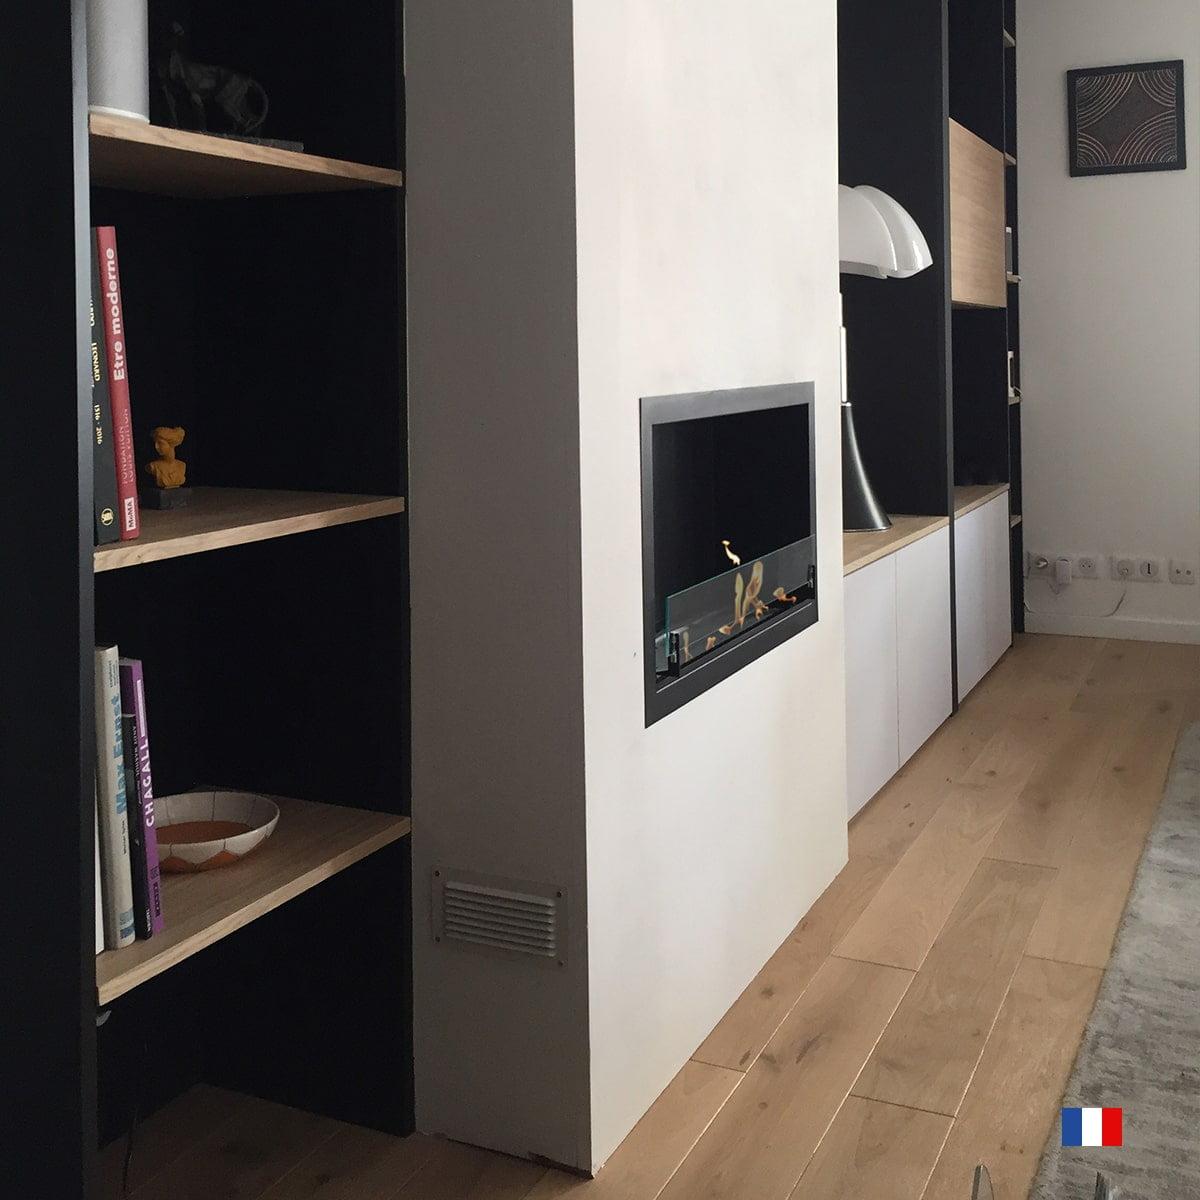 Cheminee Ethanol Murale Bordeaux Encastrable Paris Cheminees